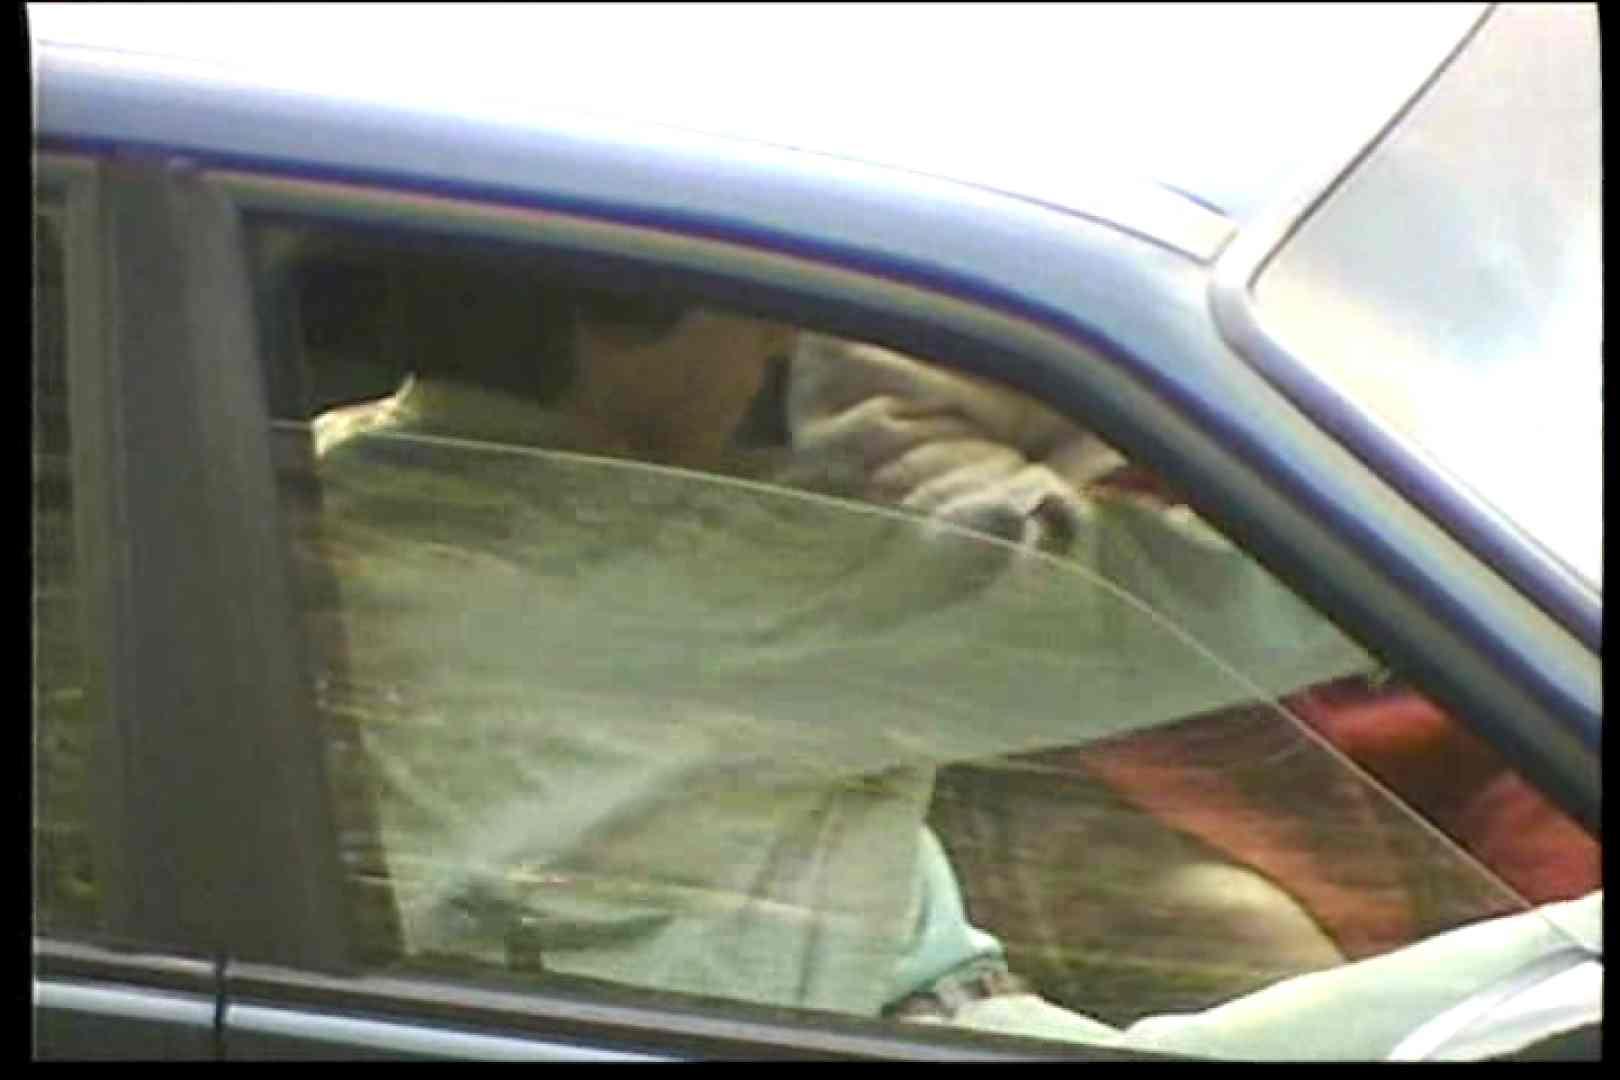 車の中はラブホテル 無修正版  Vol.12 感じるセックス オマンコ動画キャプチャ 109連発 35